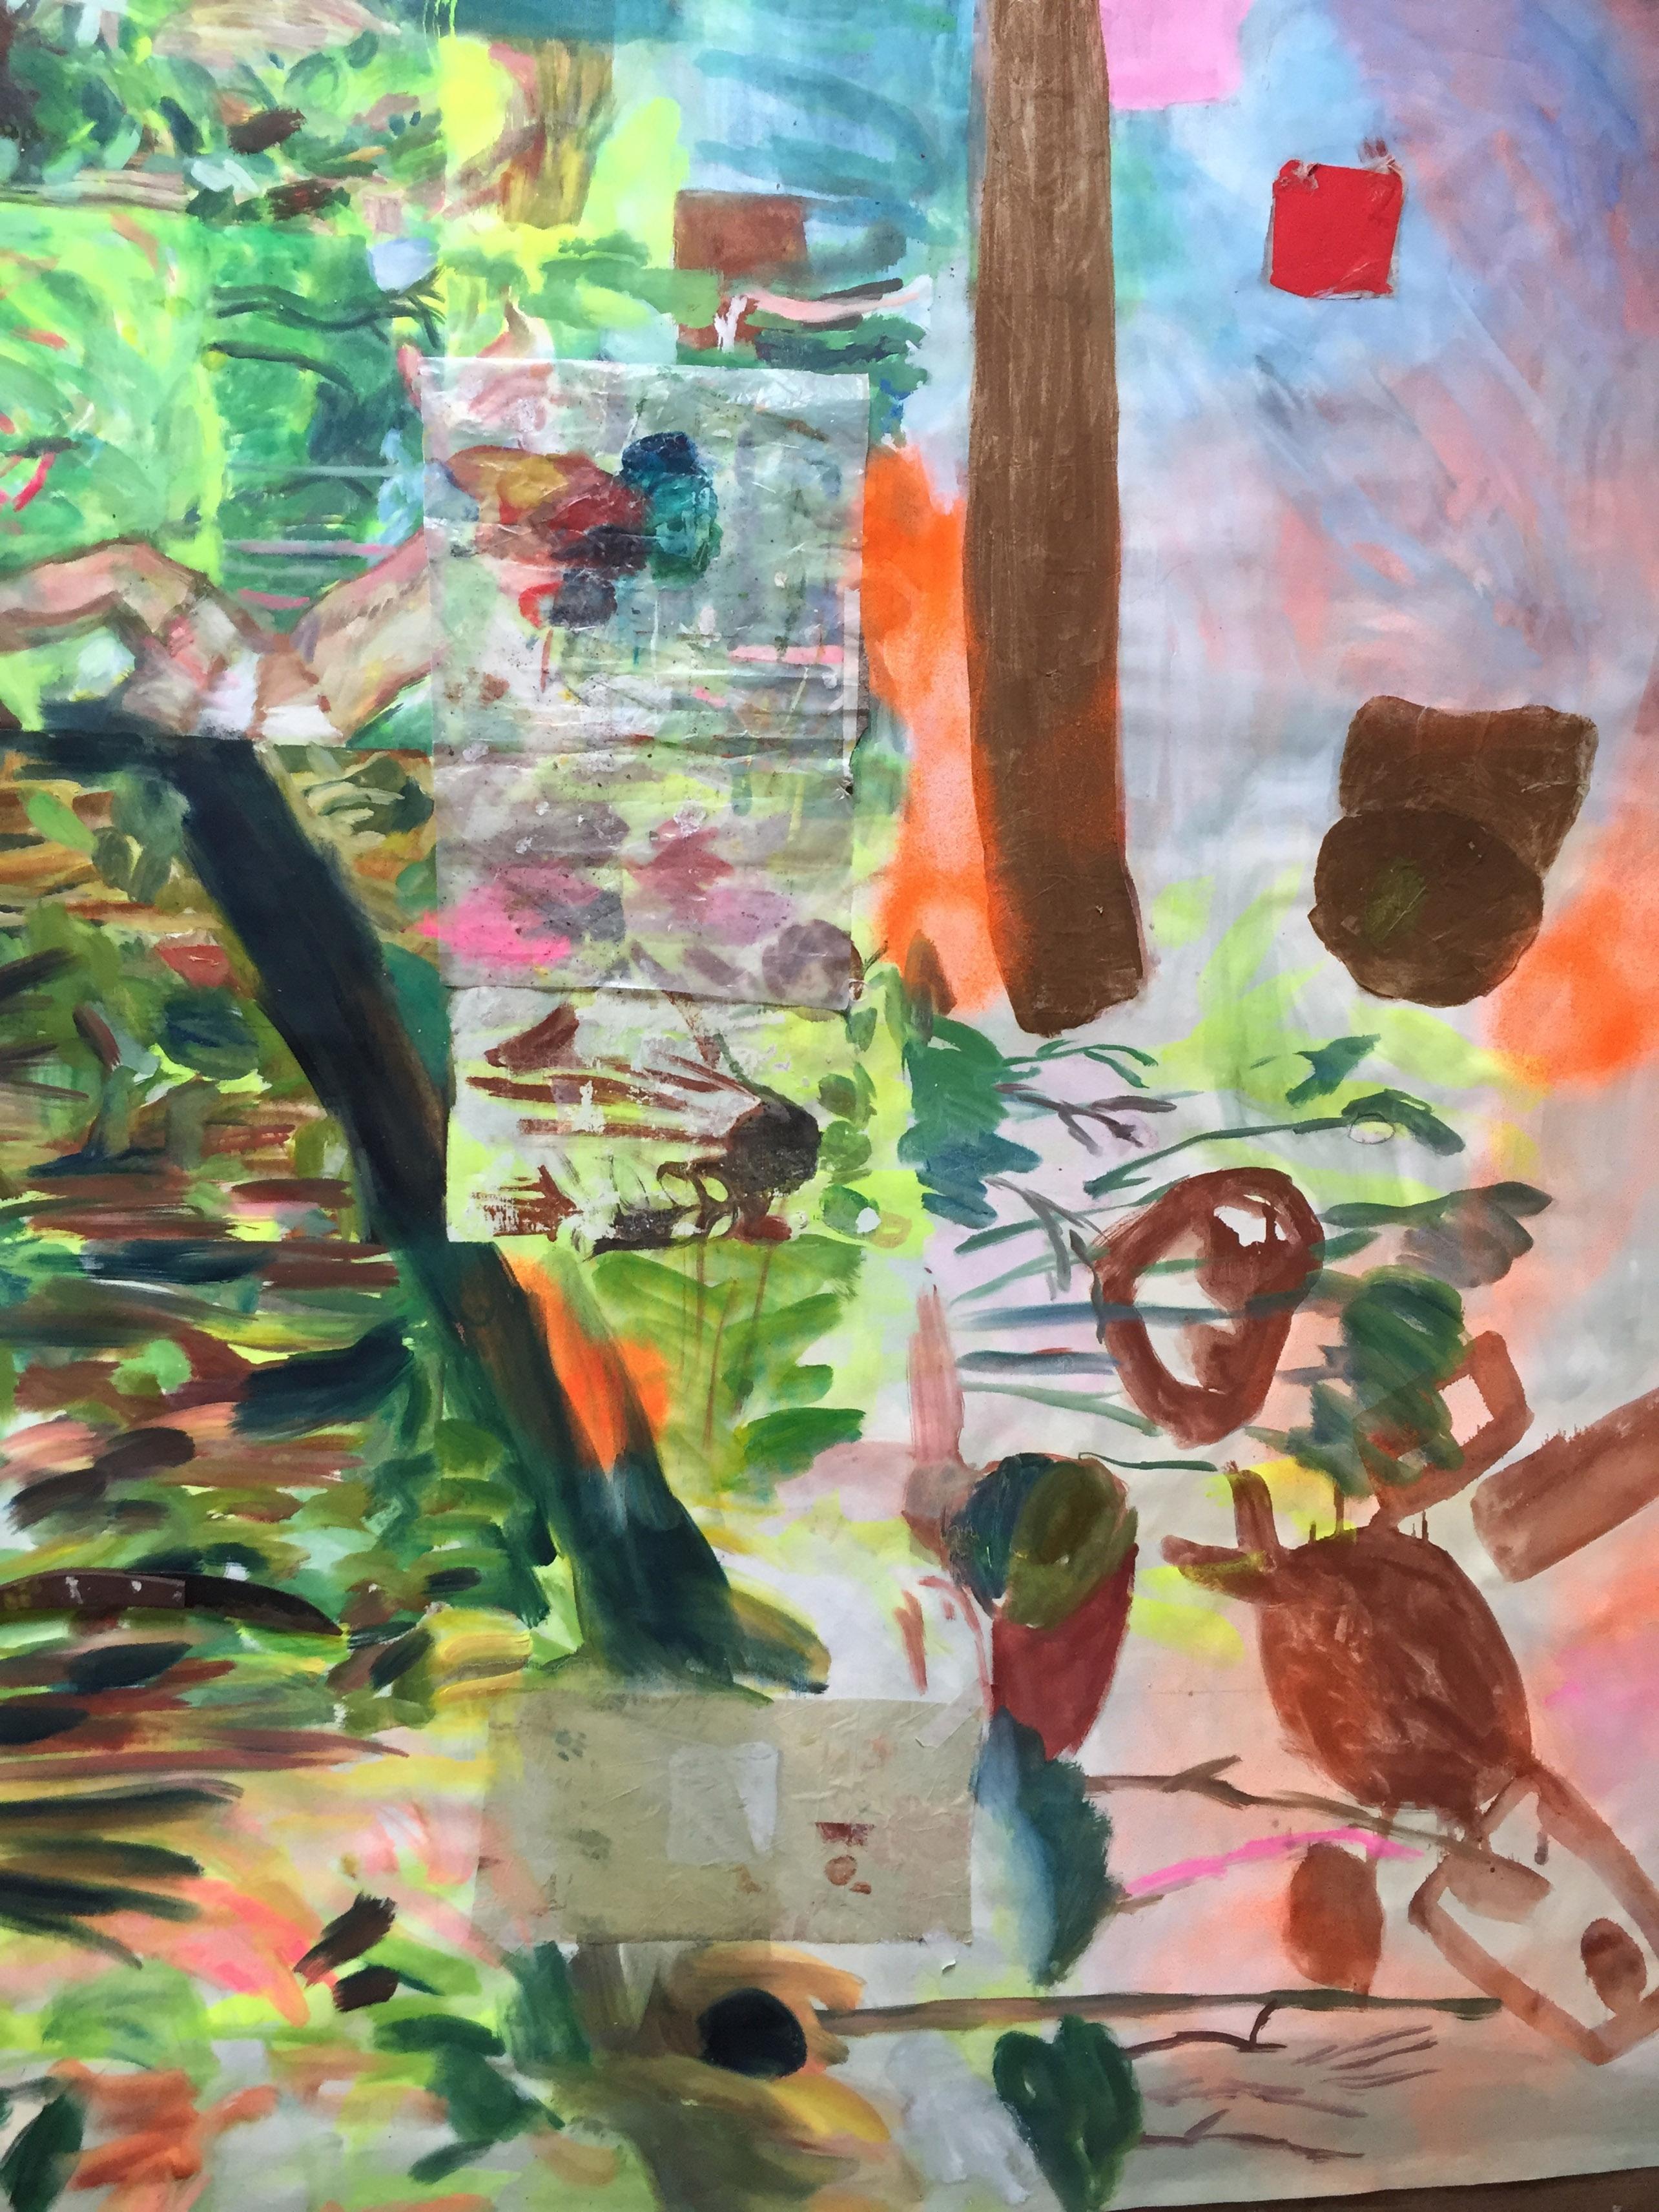 ATELIER n°46-ATELIER IMAGES ACTES LIES-FLORENCELOUISEPETETIN1Sans titre, technique mixte, 190x155cm, 2020